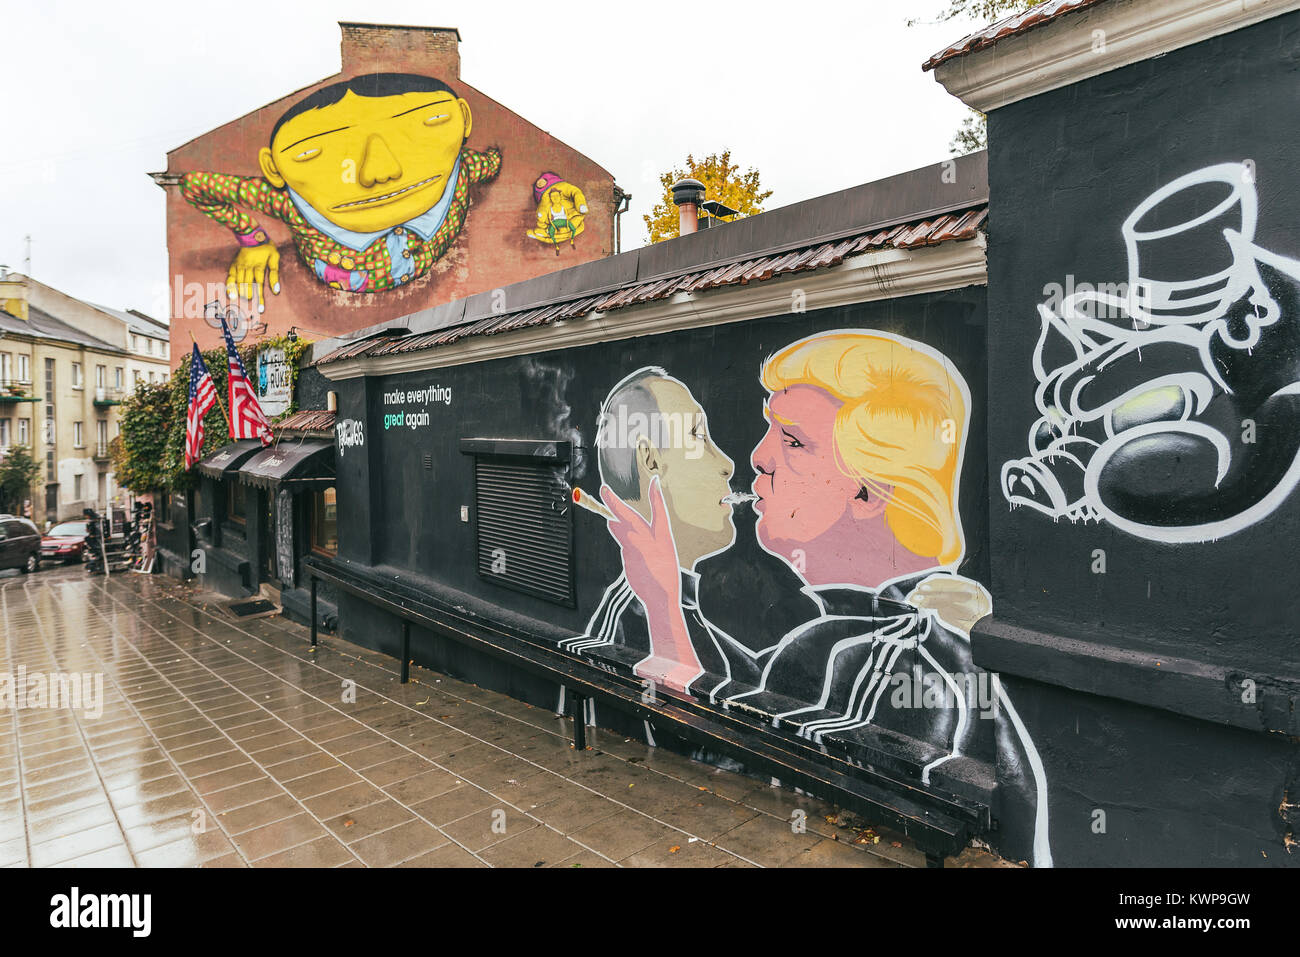 Vilnius, Lithuania - October 10, 2017: Donald Trump kissing Vladimir Putin mural, street art, Vilnius, Lithuania - Stock Image